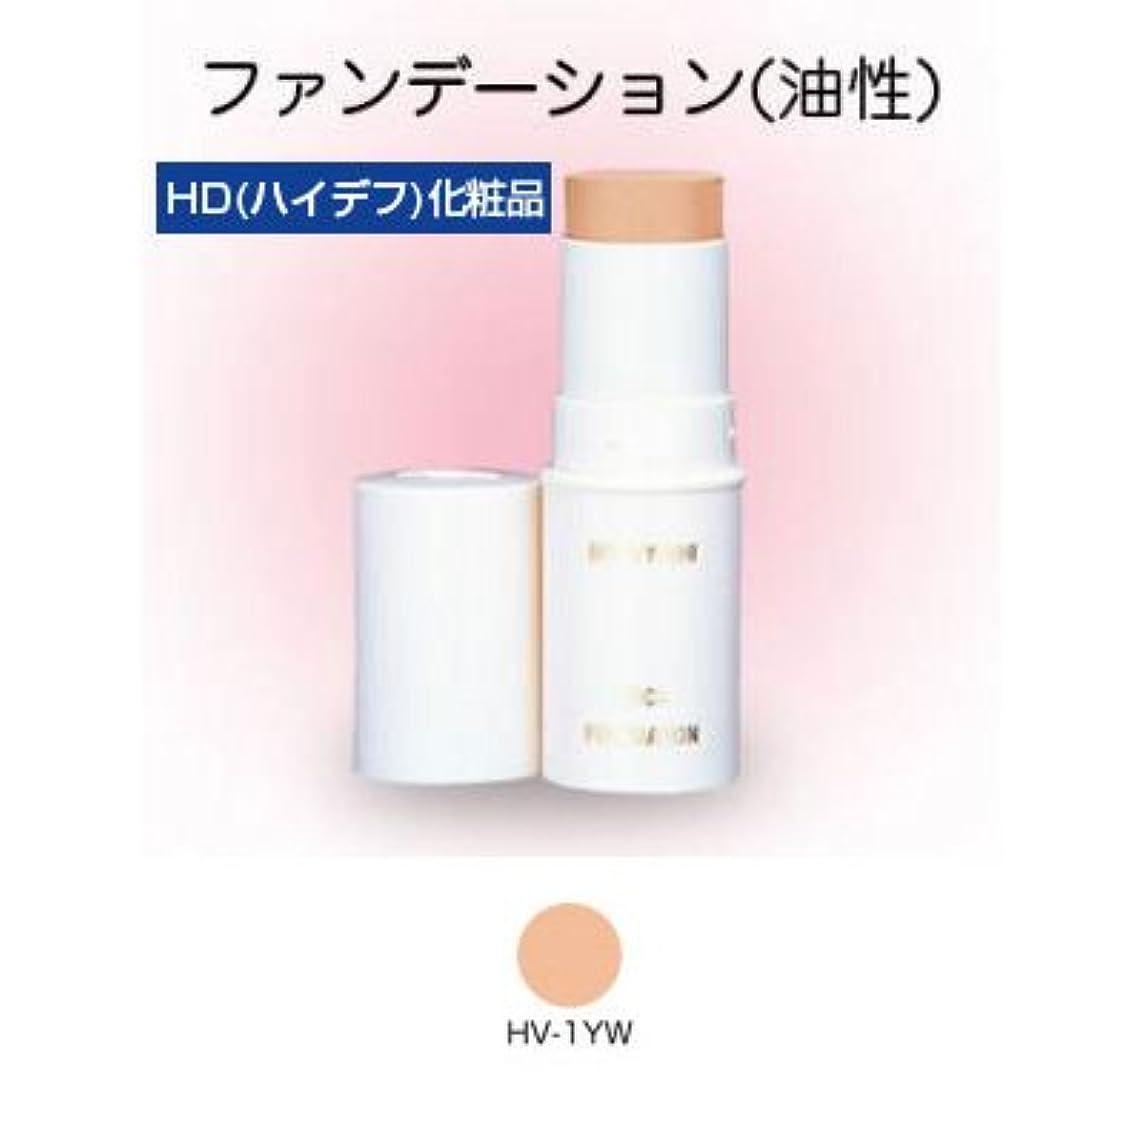 豆虹層スティックファンデーション HD化粧品 17g 1YW 【三善】